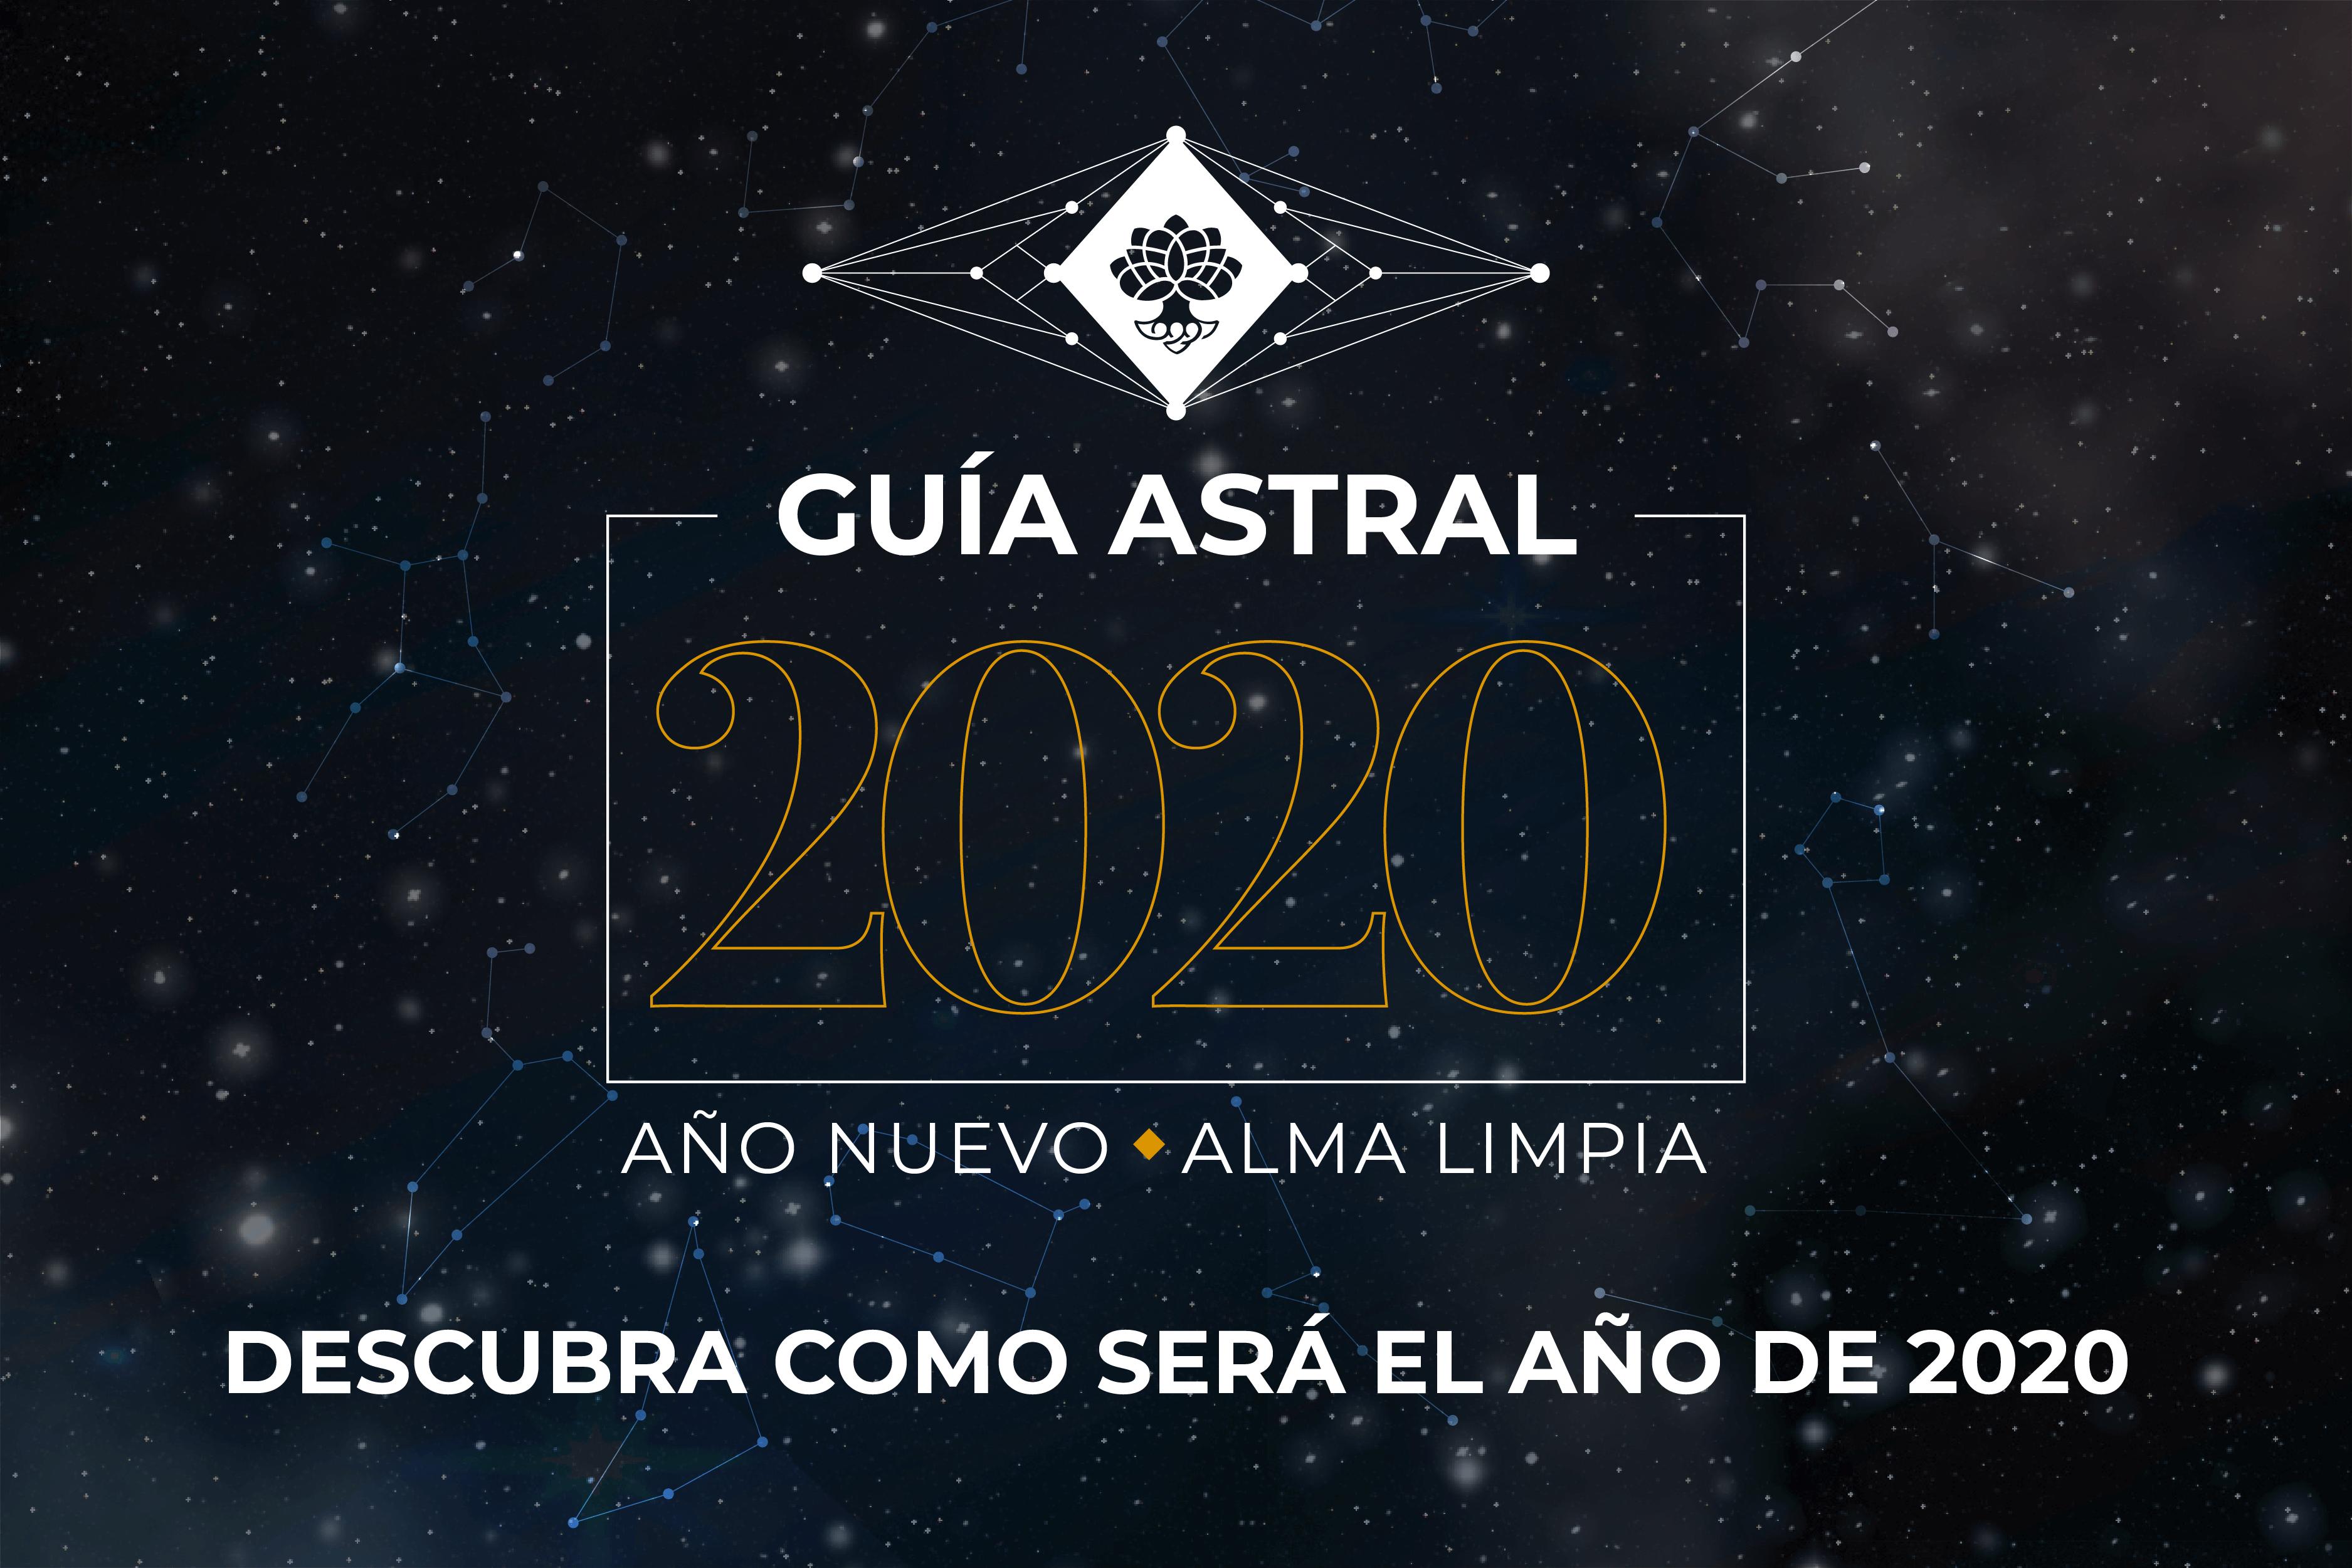 Guias Astrales 2020 - Descubra cómo se verá 2020